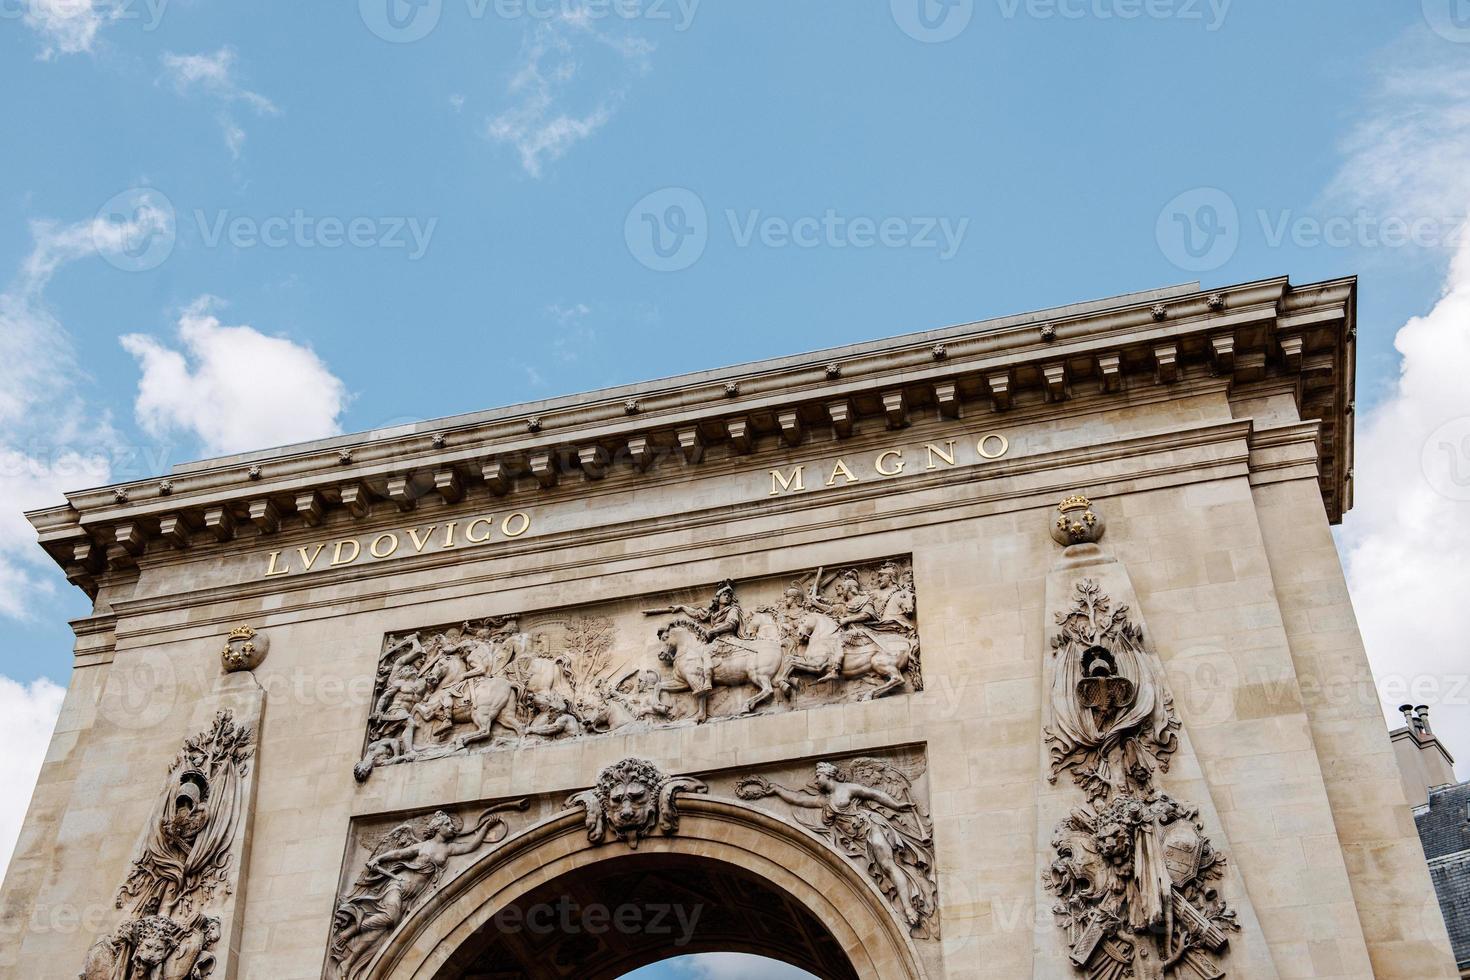 porte saint-denis, parigi, francia arco trionfale foto